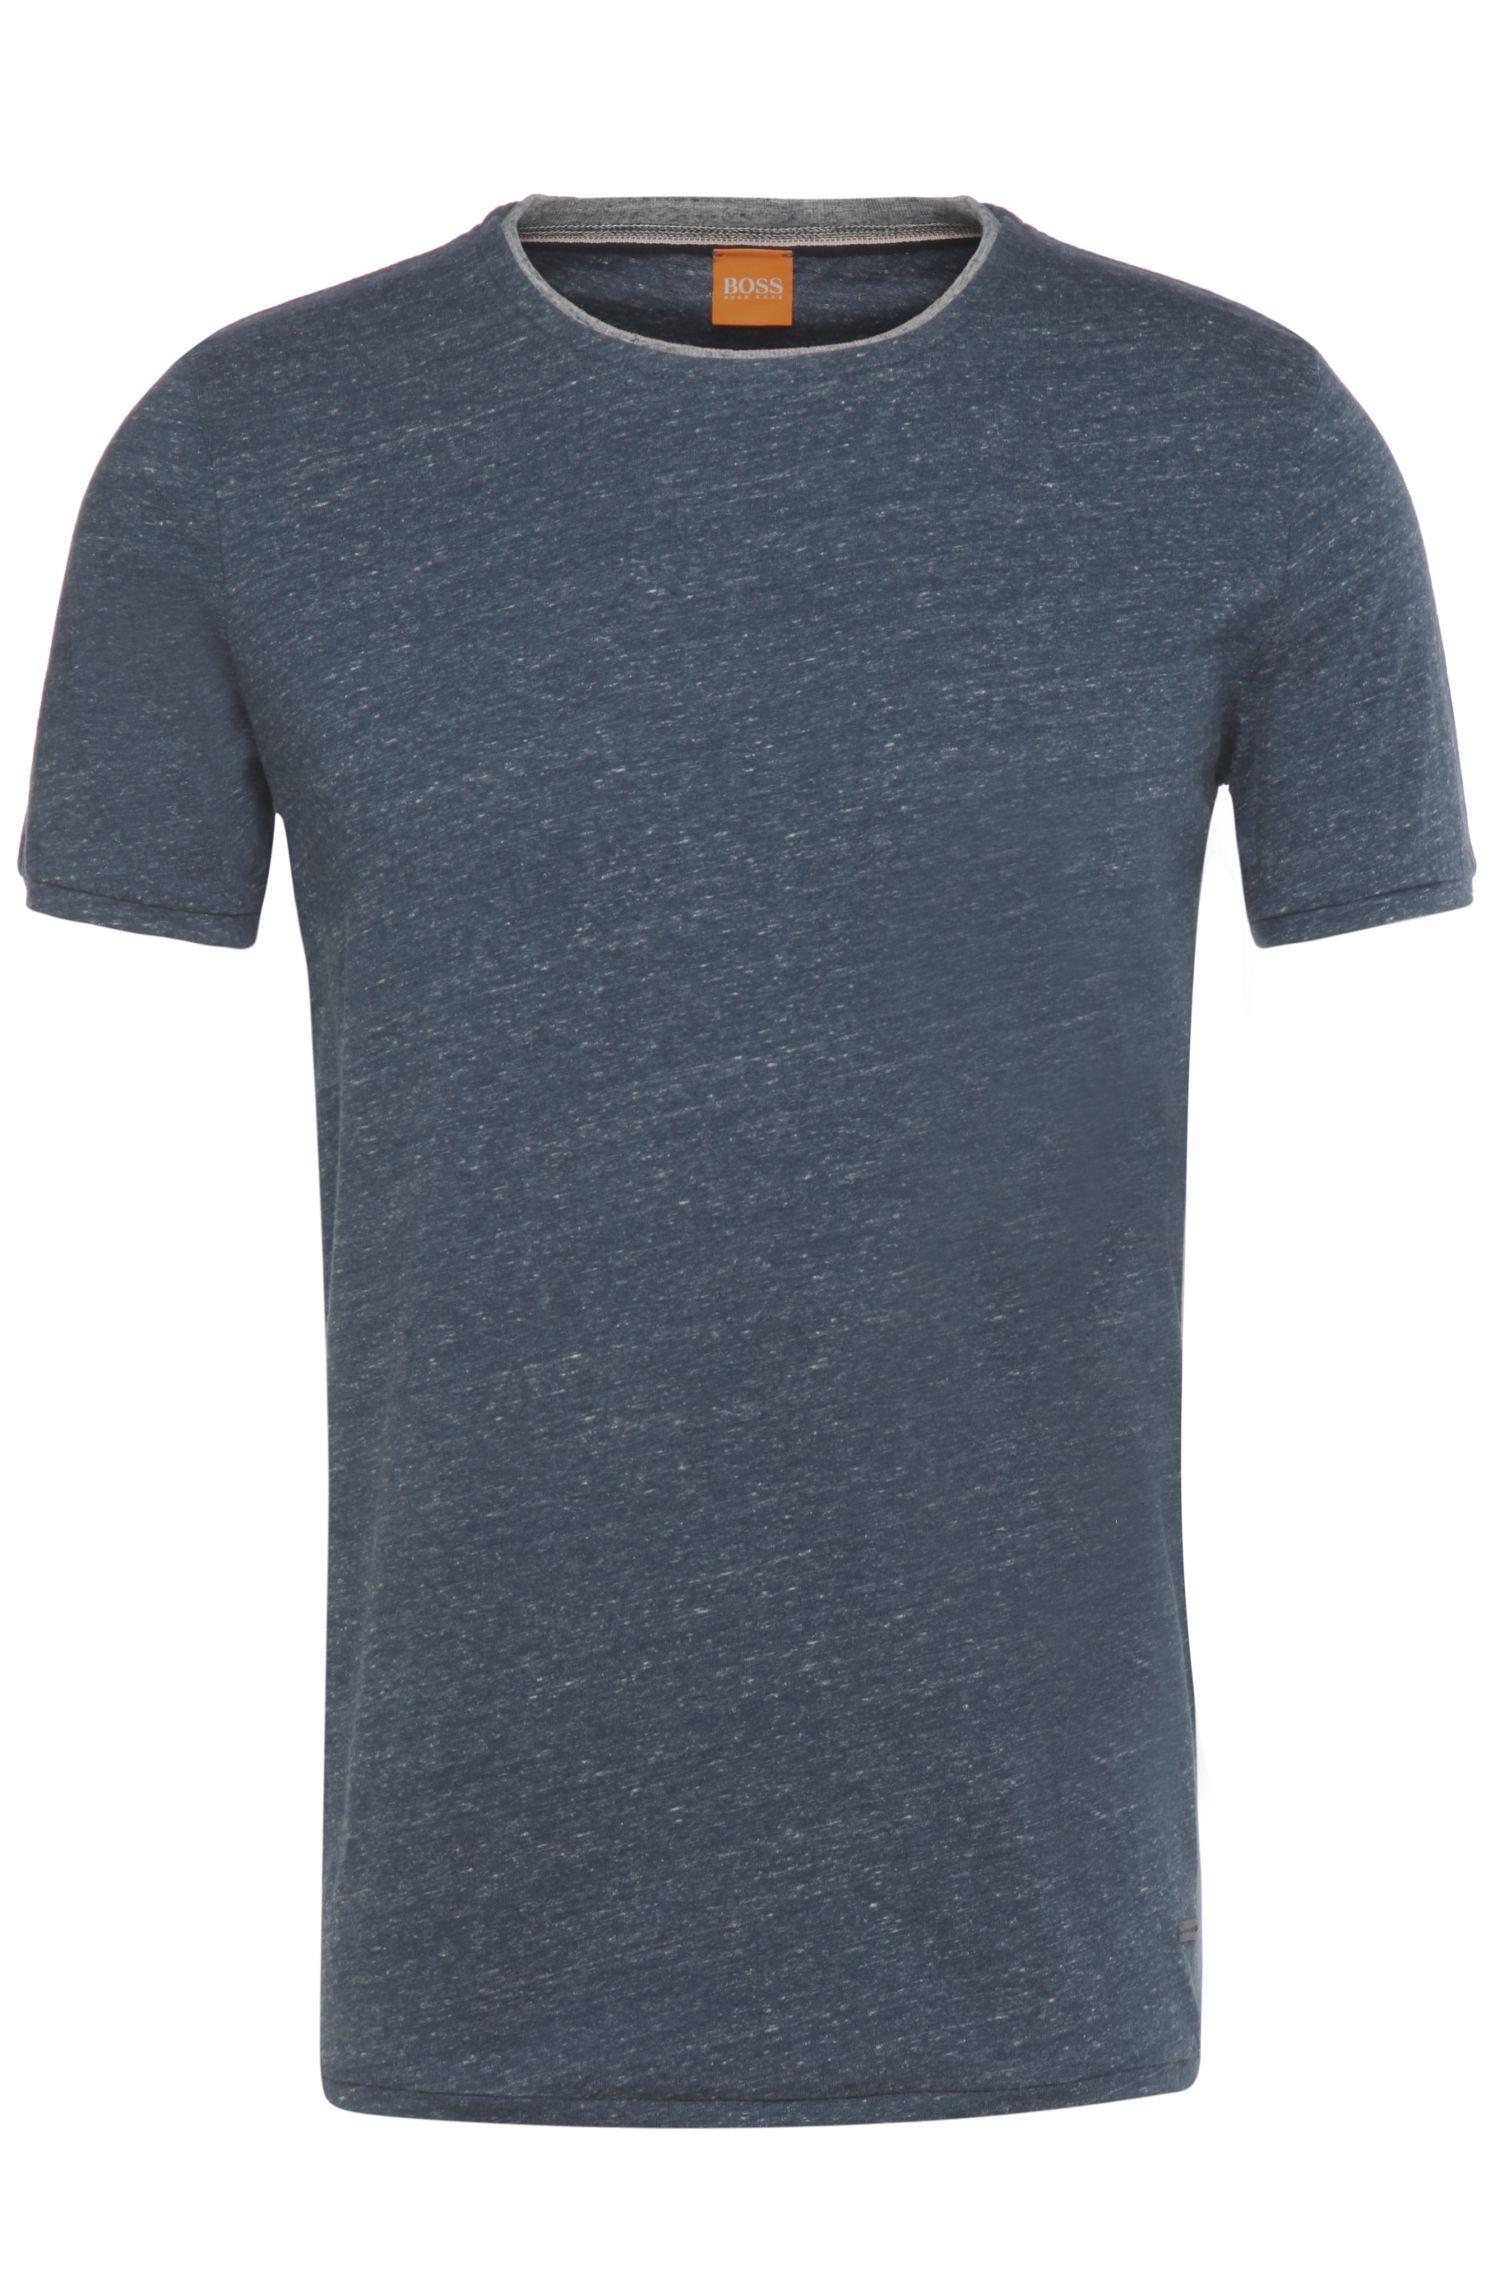 'Twidget' | Cotton Melange T-Shirt